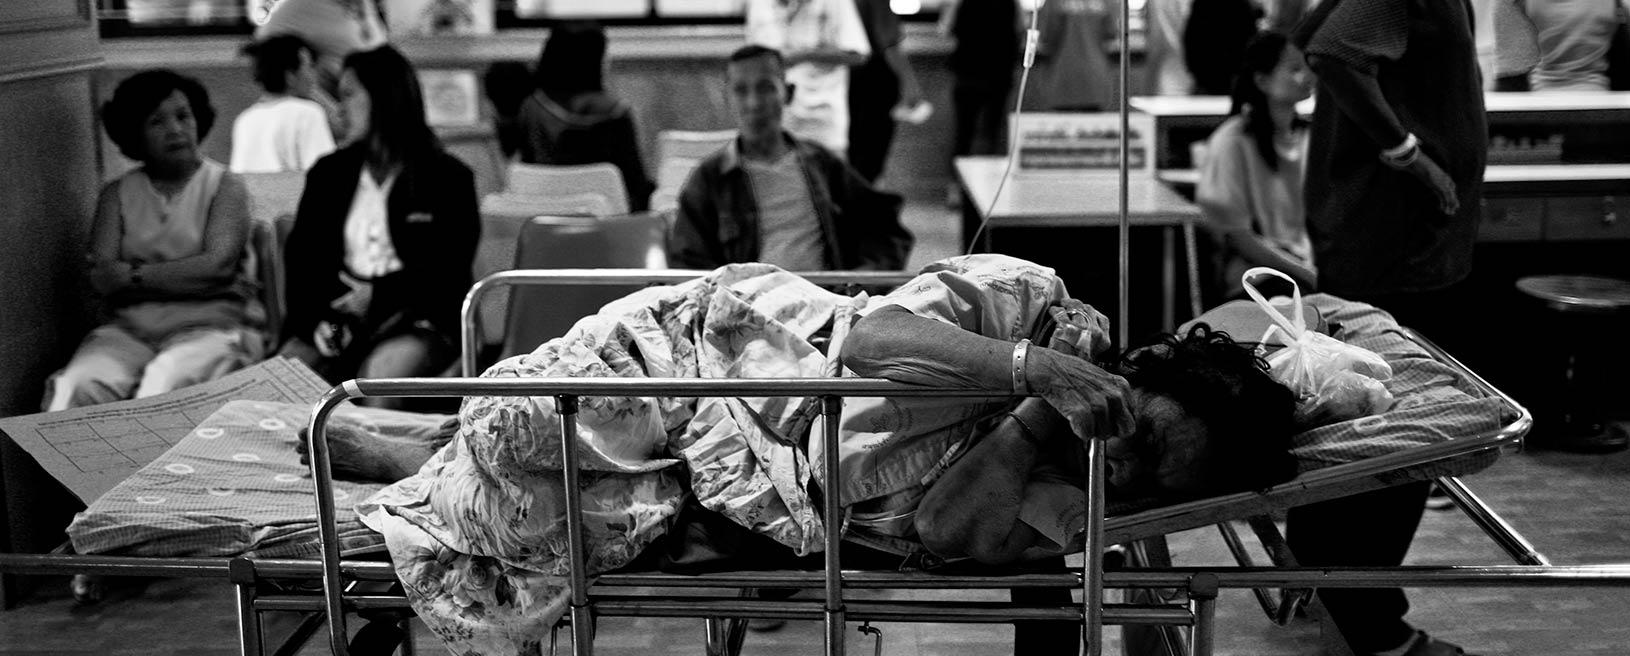 Triage Hospitalario para Mortales